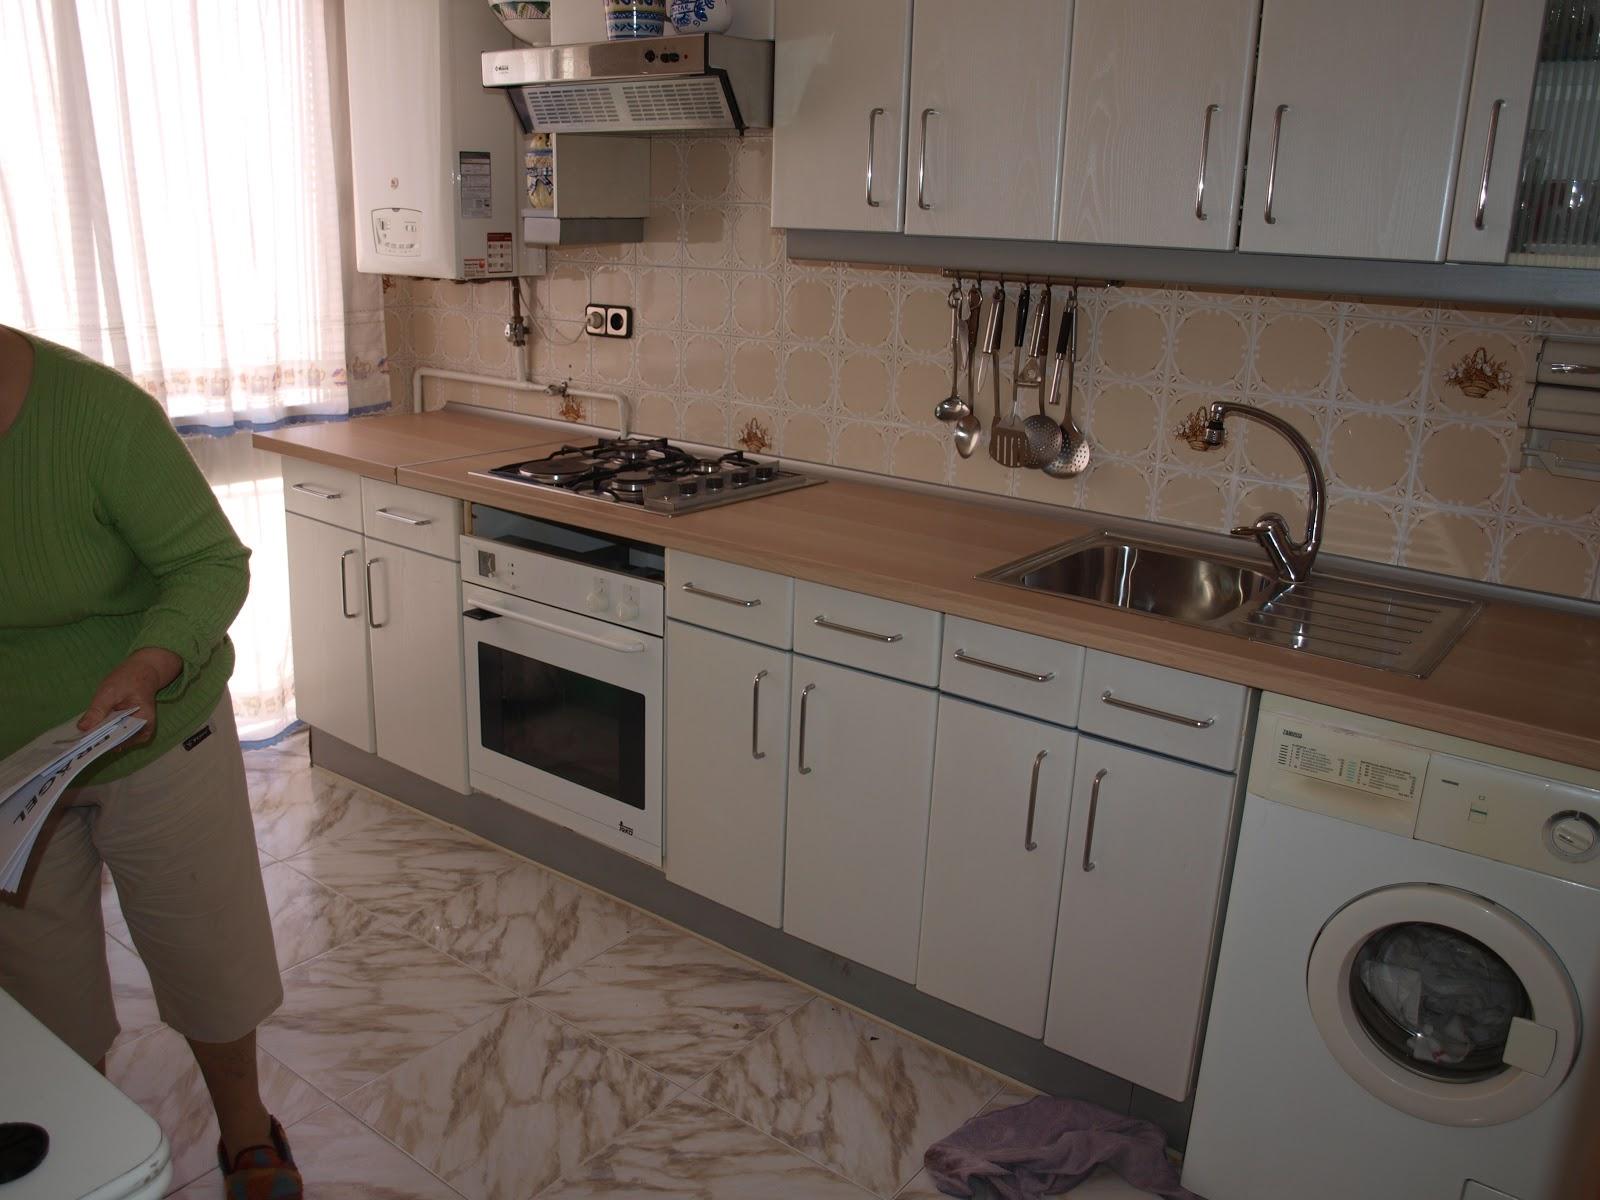 El resultado de mi imaginaci n encimera de la cocina 1 parte - Encimeras laminadas de cocina ...